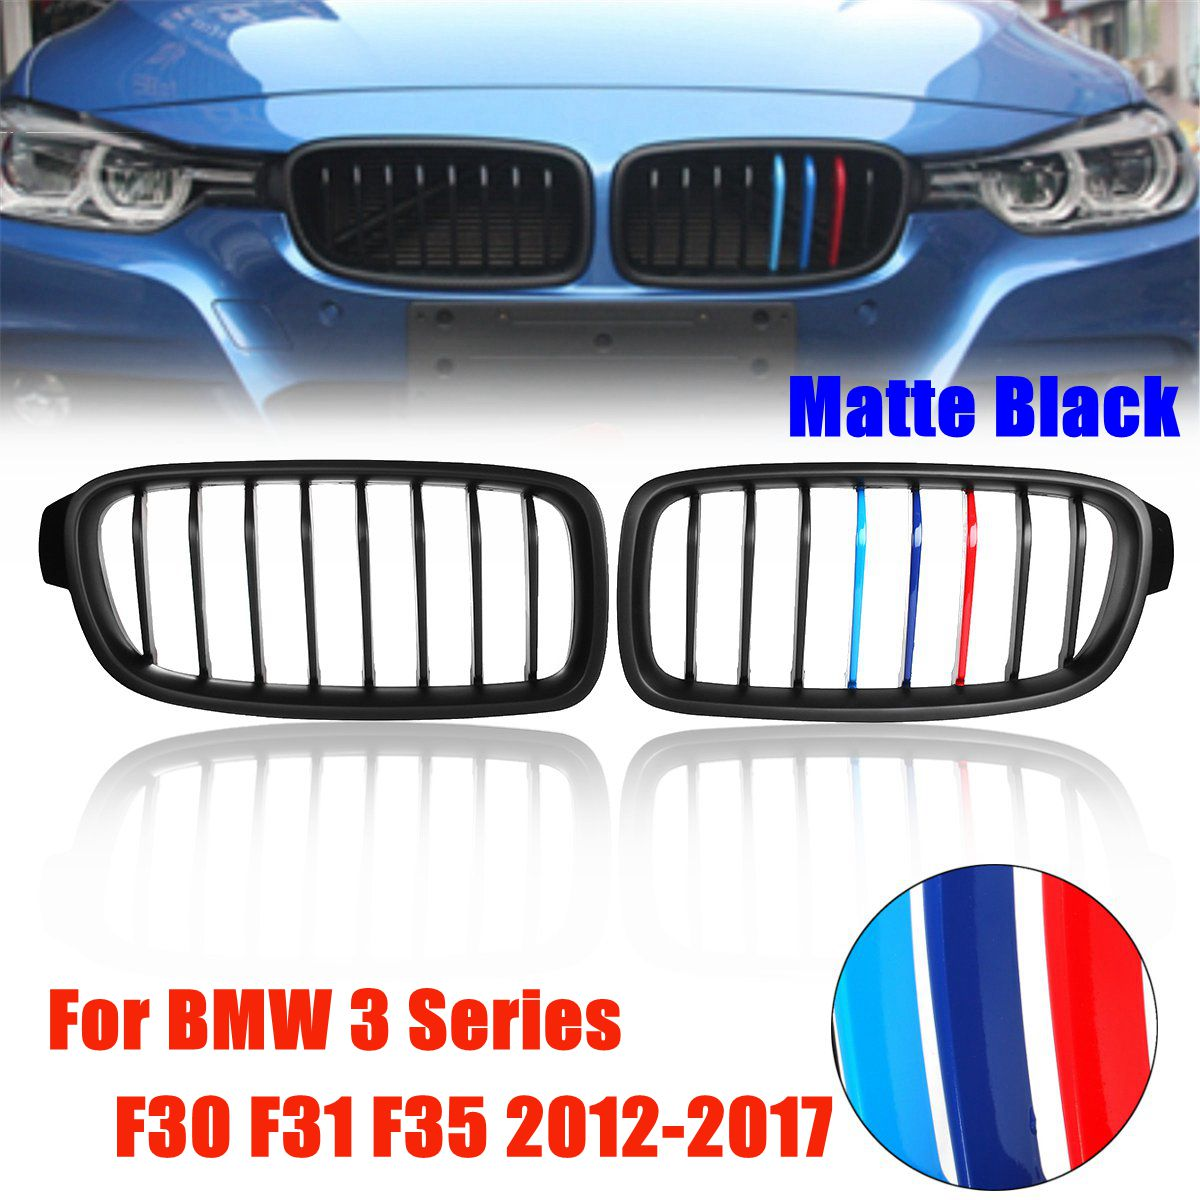 1 paire 3 couleurs pour BMW série 3 F30 F31 F35 2012-2017 pour gril de course de remplacement mat noir MColor rein Grille de calandre avant